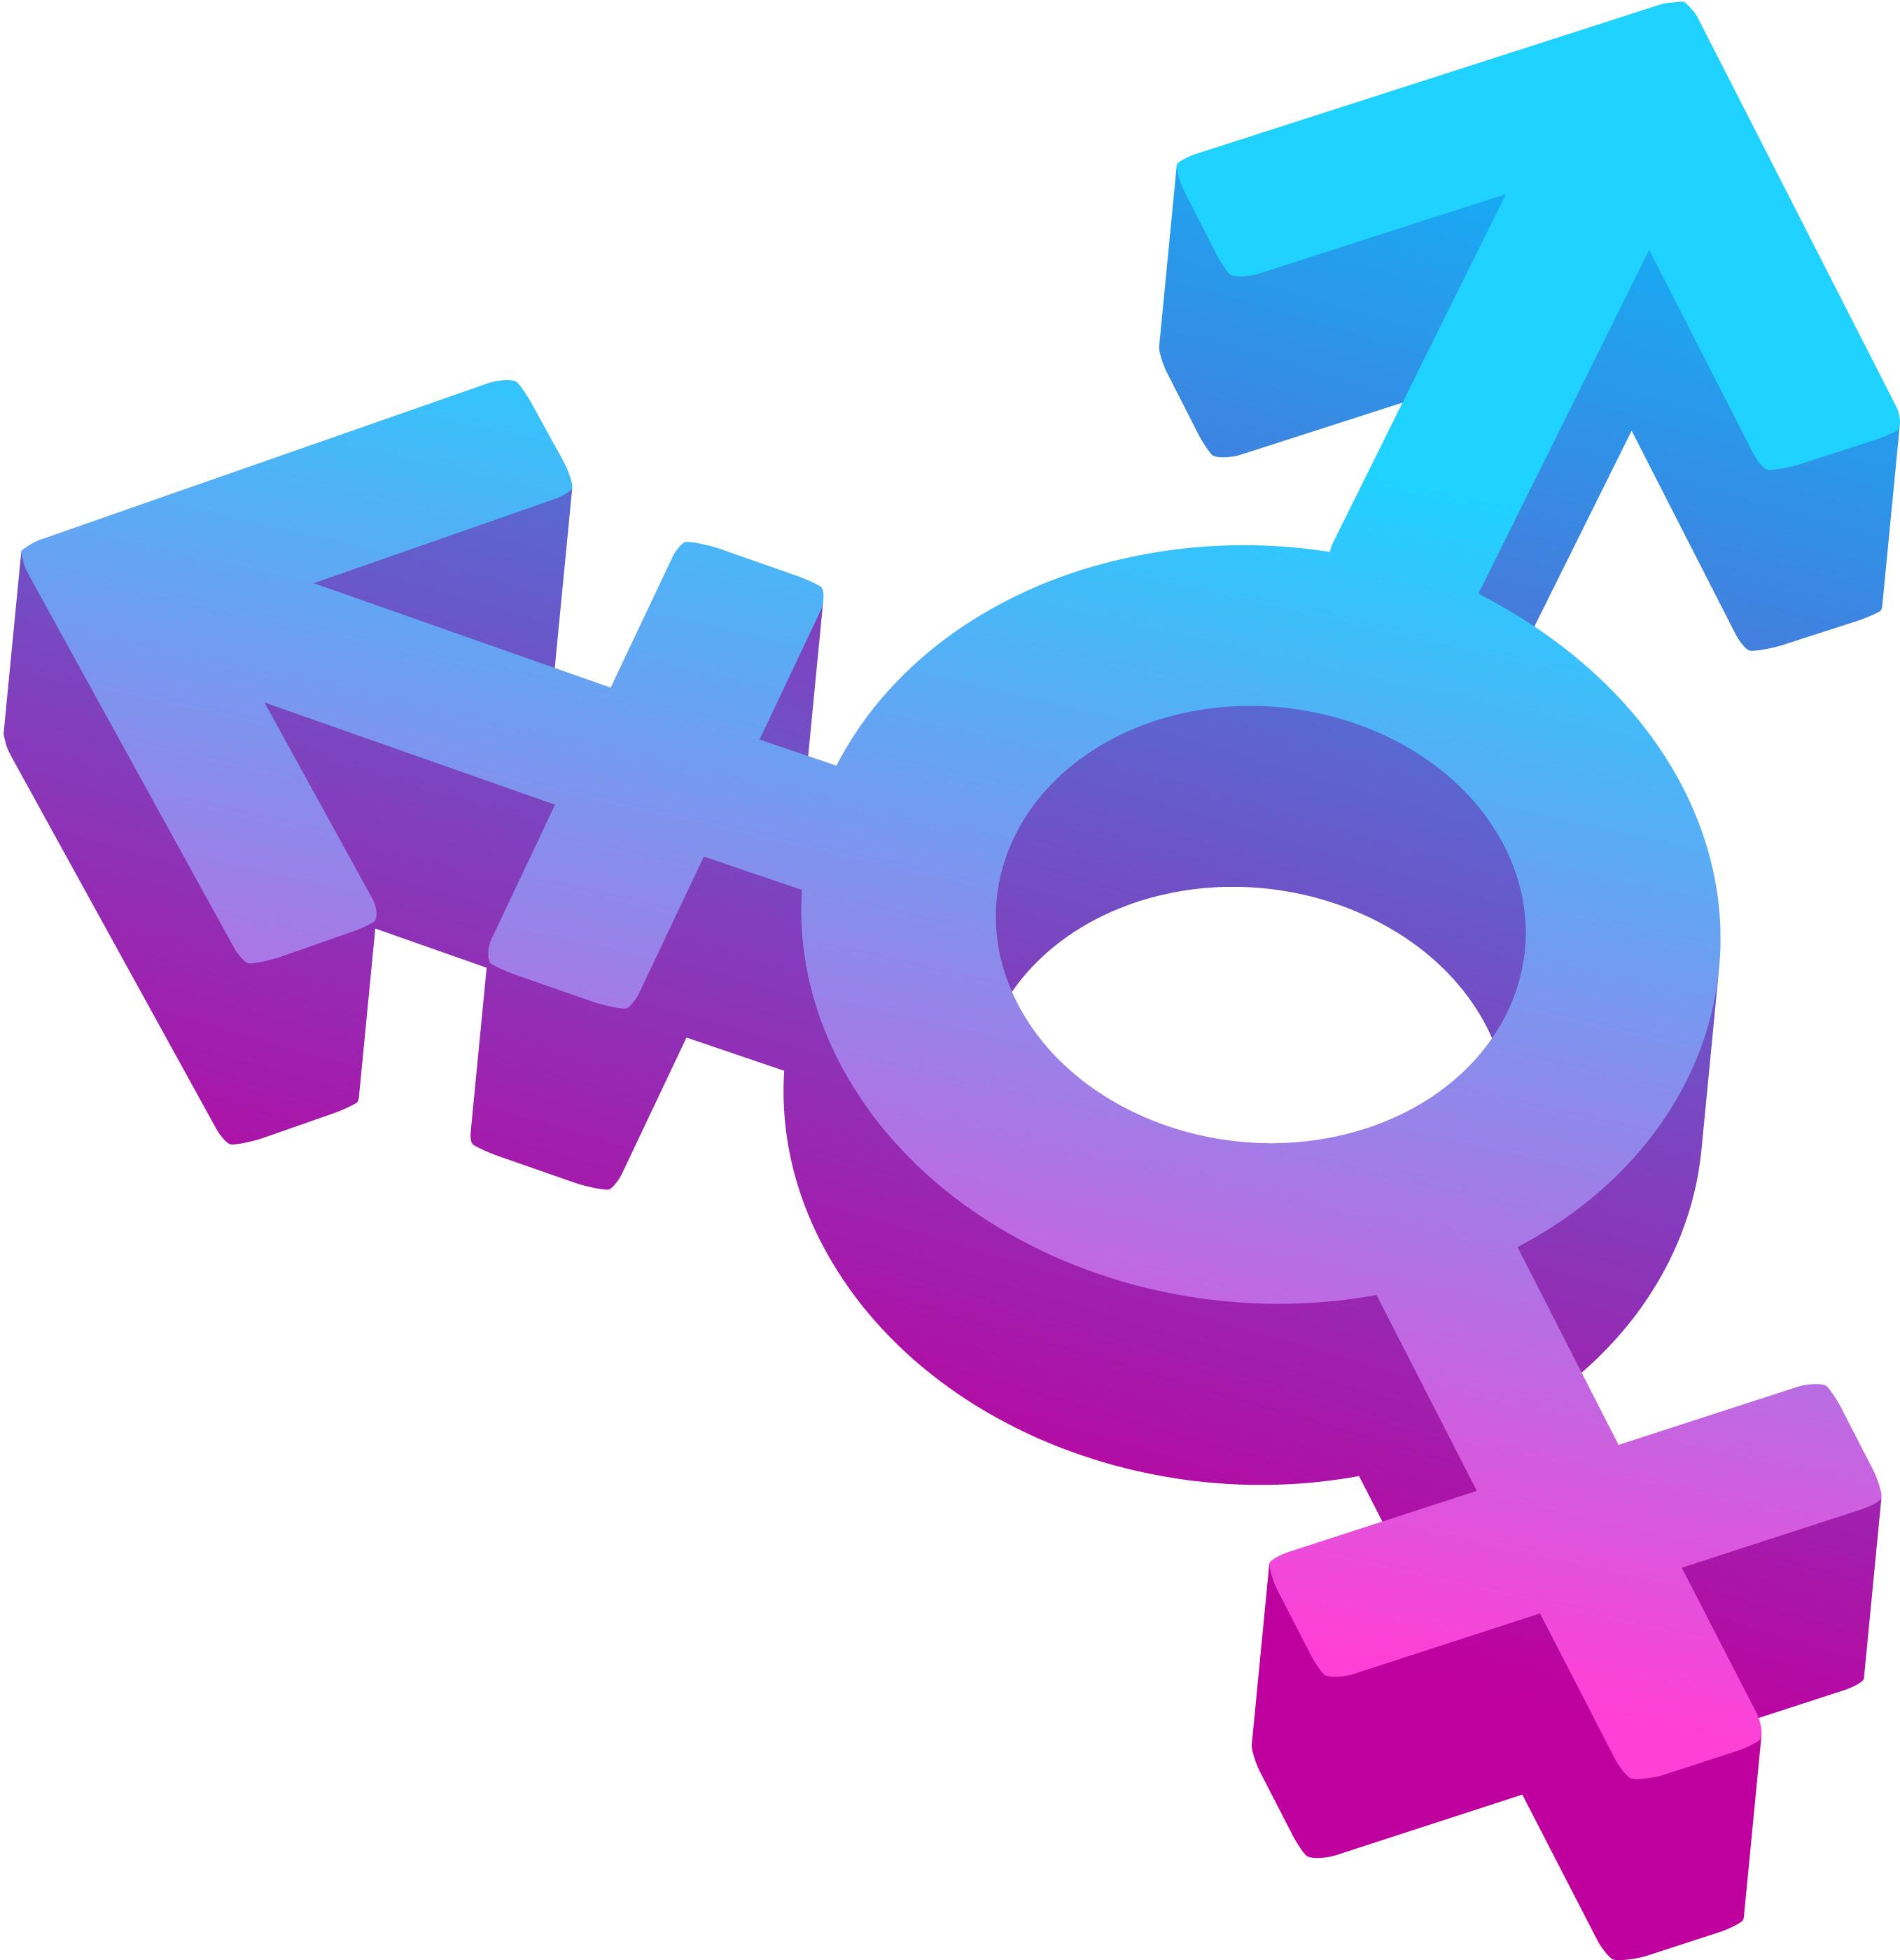 Южнокорейский суд разрешил трансгендерам менять пол в документах, не делая операций